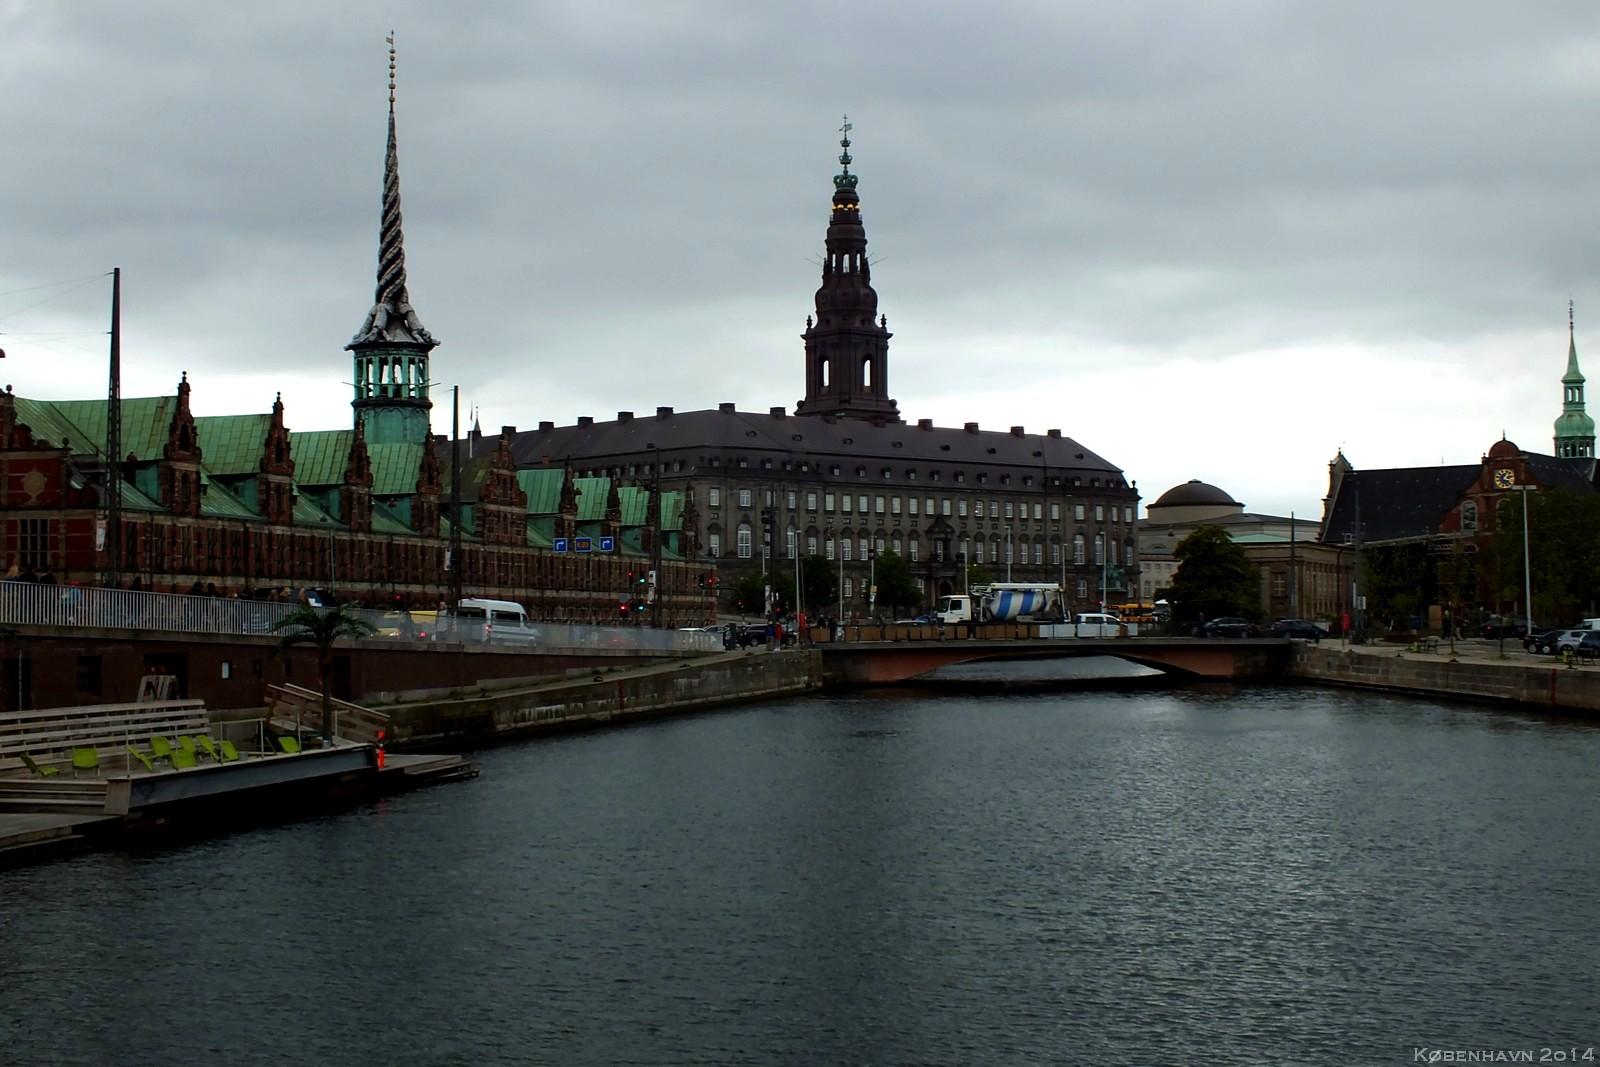 København, Denmark